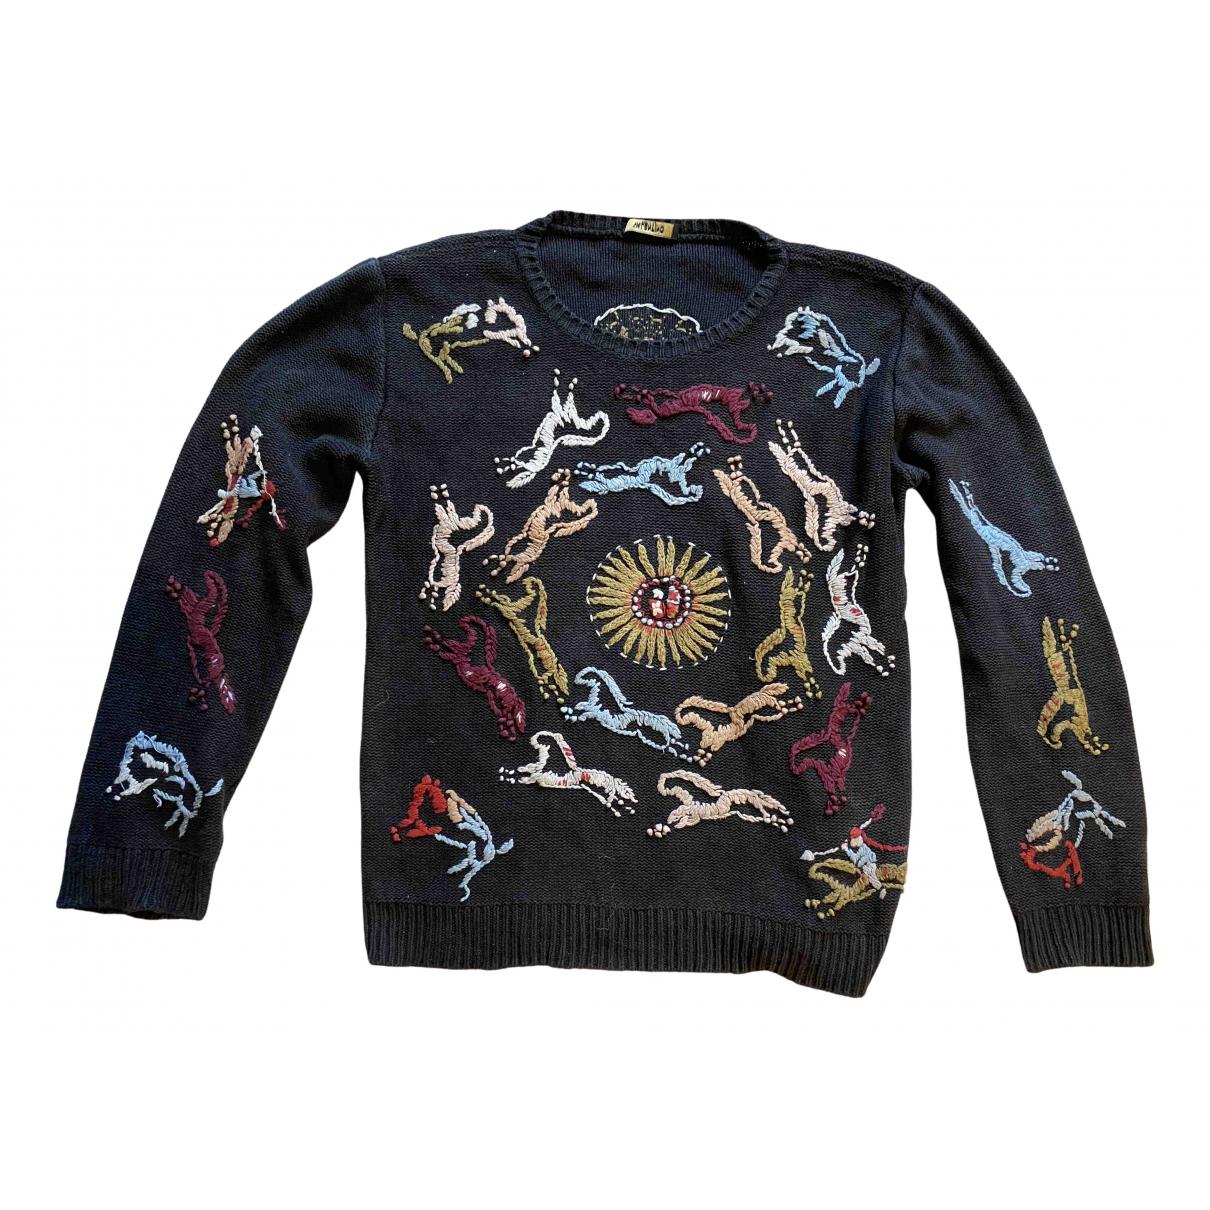 Valentino Garavani - Pulls.Gilets.Sweats   pour homme en coton - noir